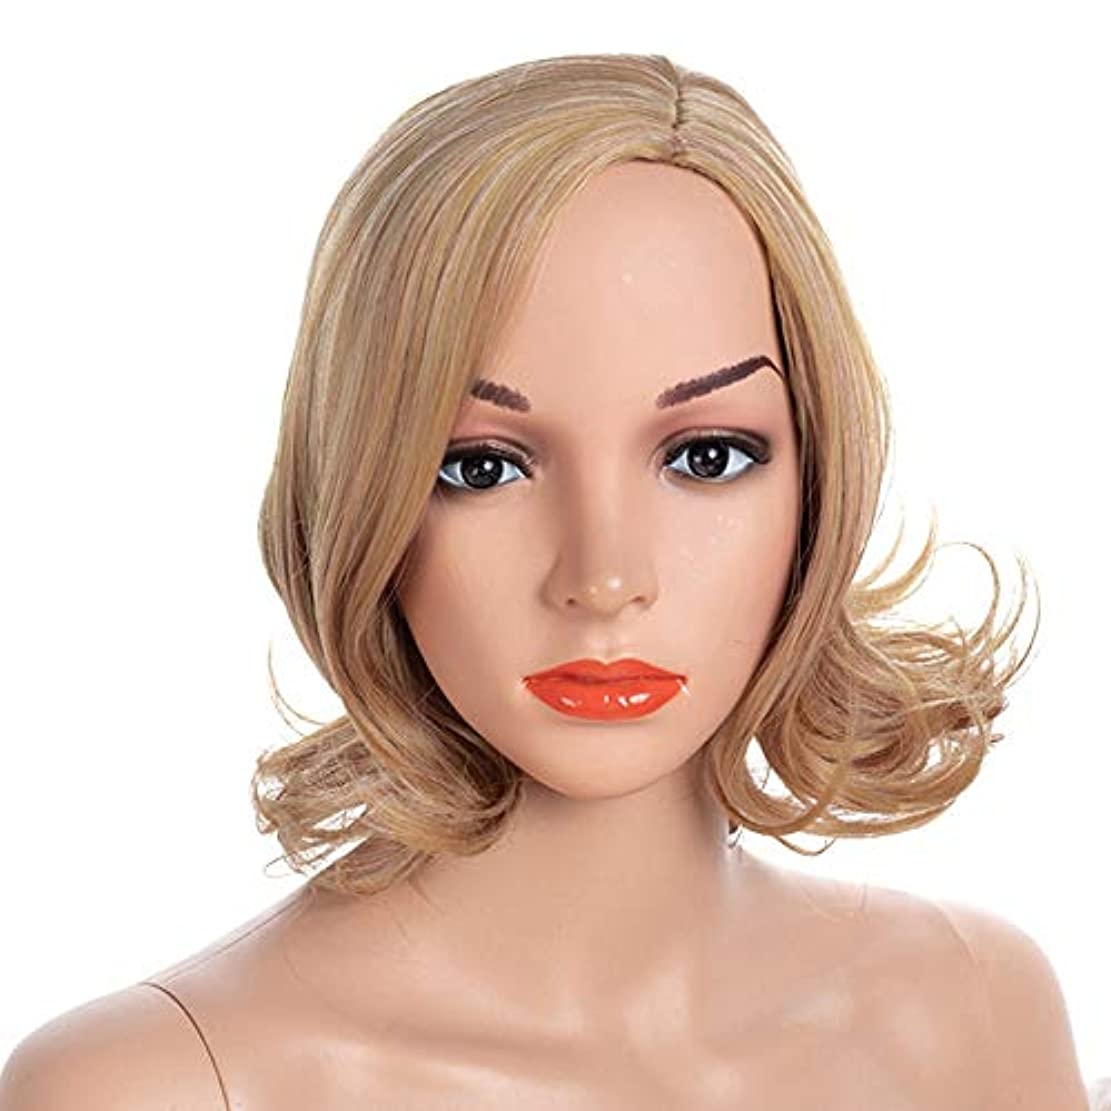 検査官豊富に作成するWASAIO スタイルの交換のための女性の短いカーリーブロンドのかつらムッシービューティーCospalyパーティーアクセサリー (色 : Blonde, サイズ : 40cm)